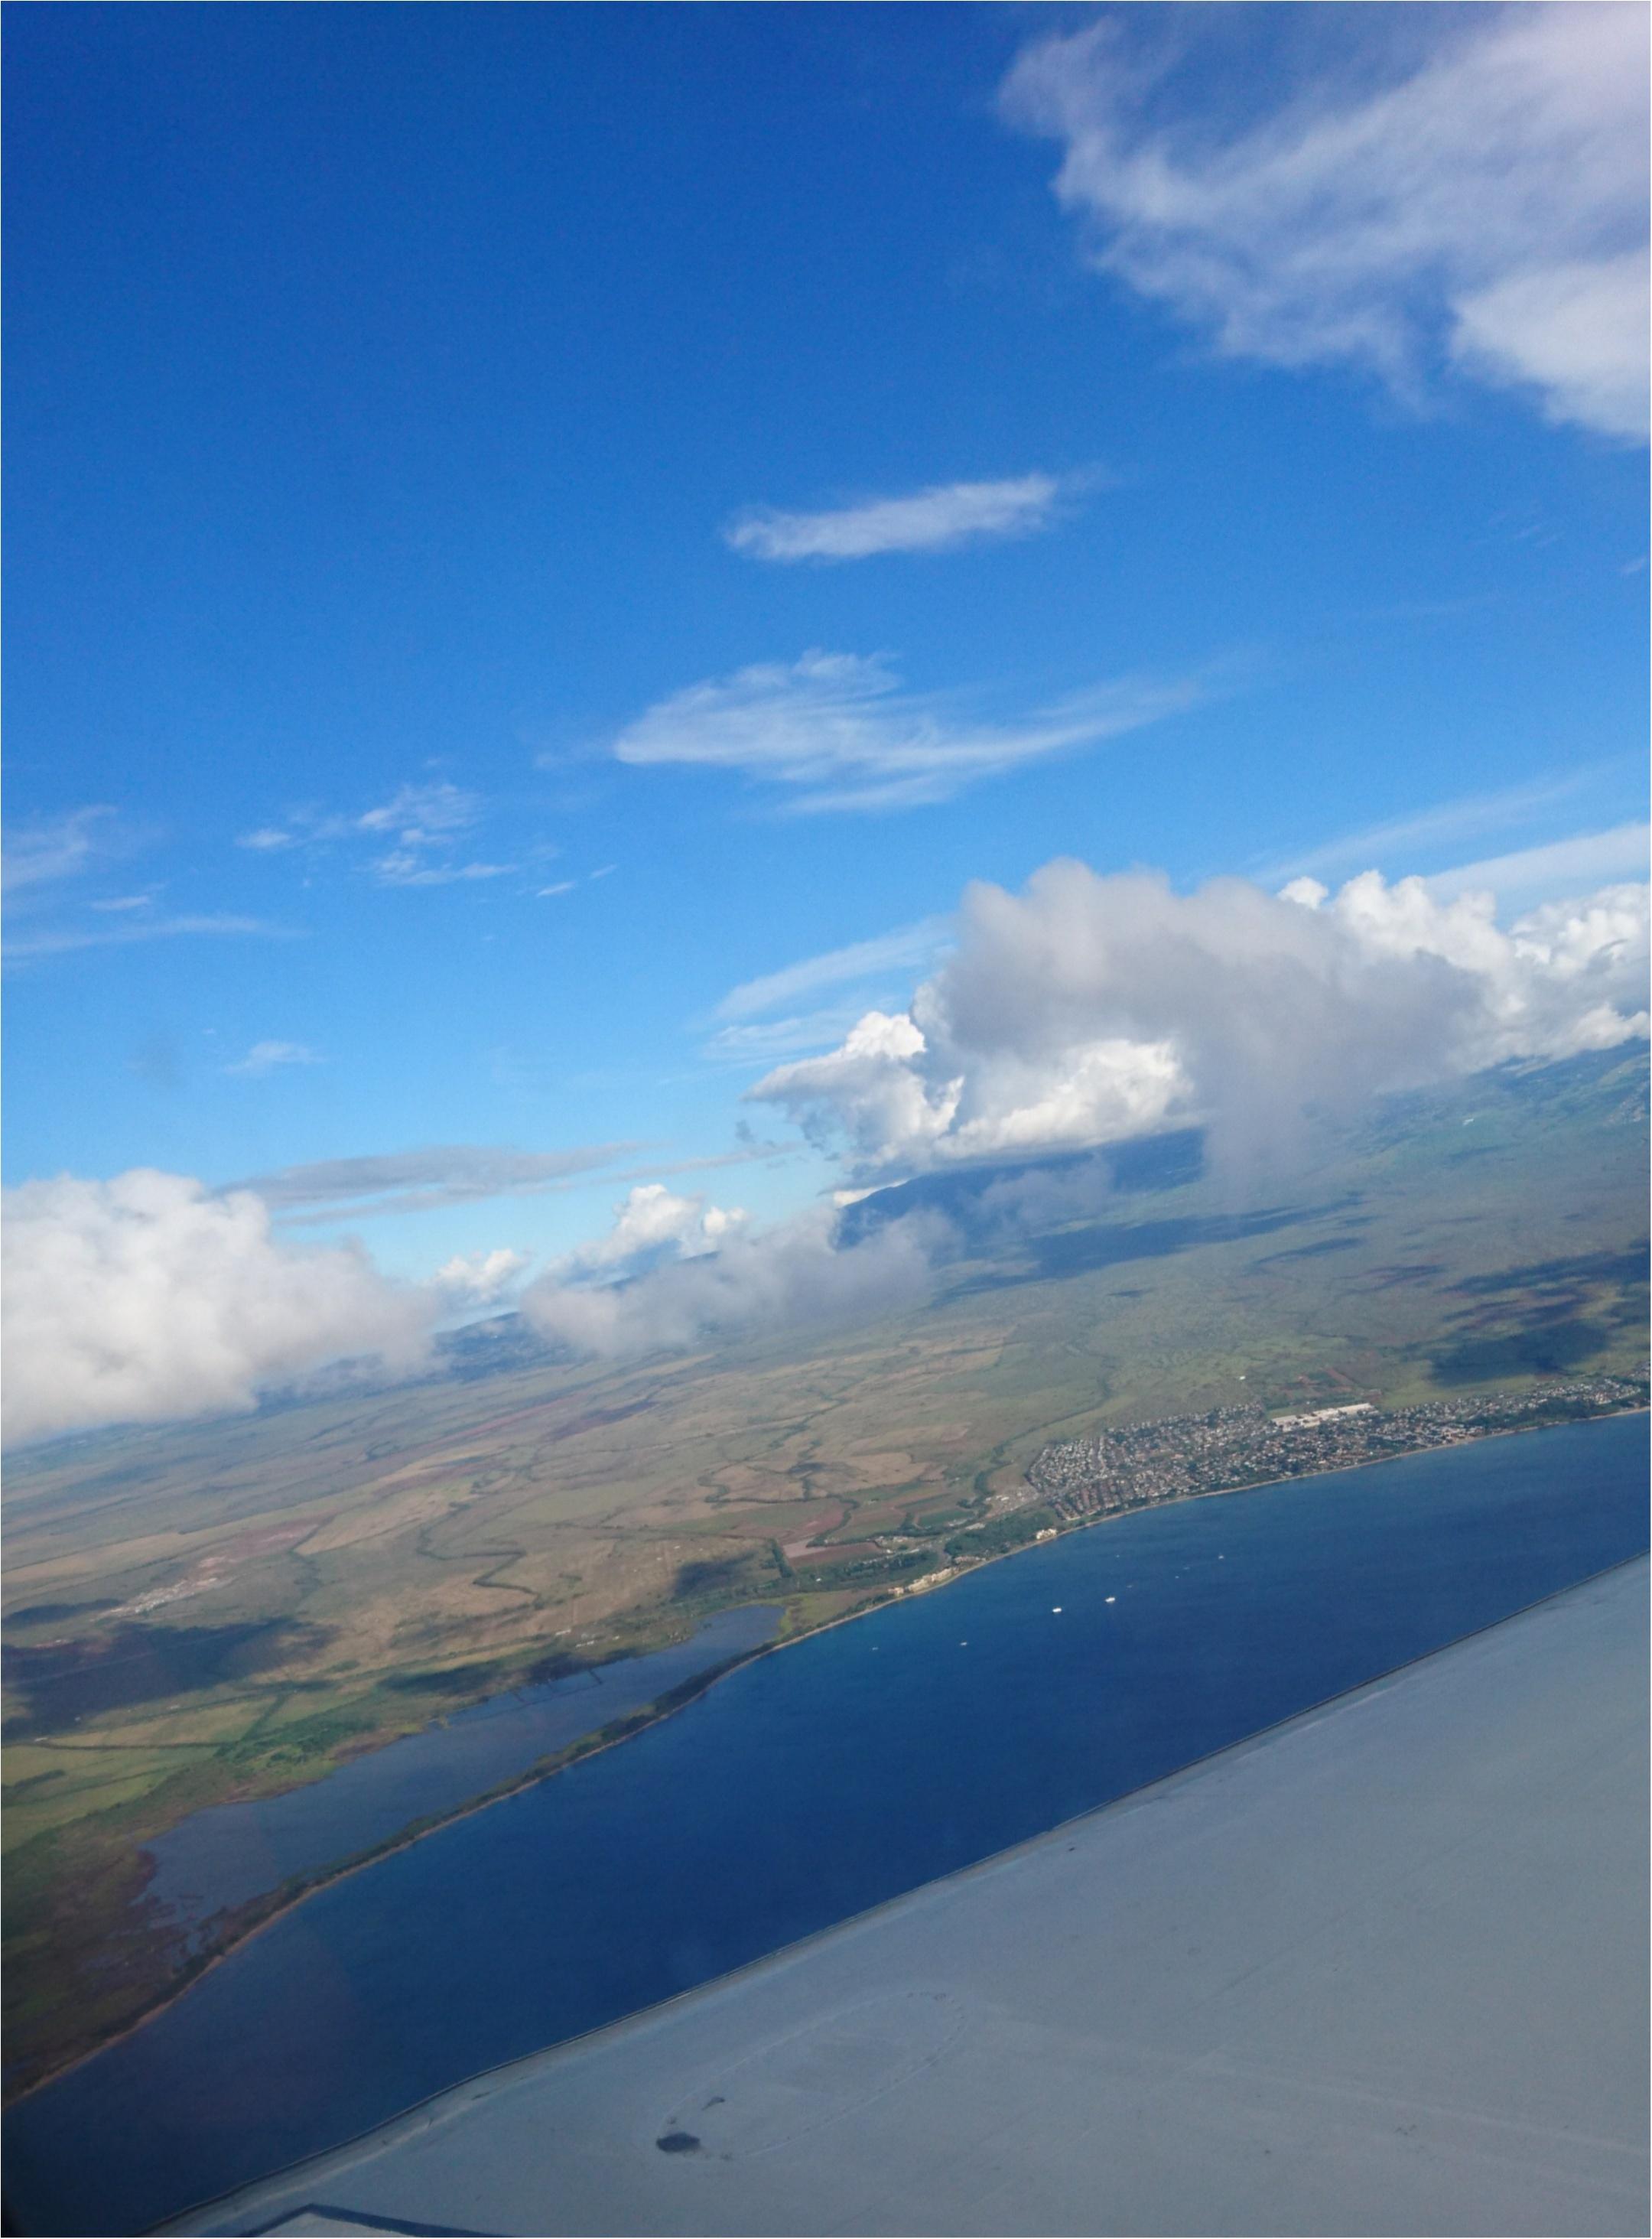 【trip】ハワイはホノルルだけじゃない!次は絶対おすすめのマウイ島へ♡_2